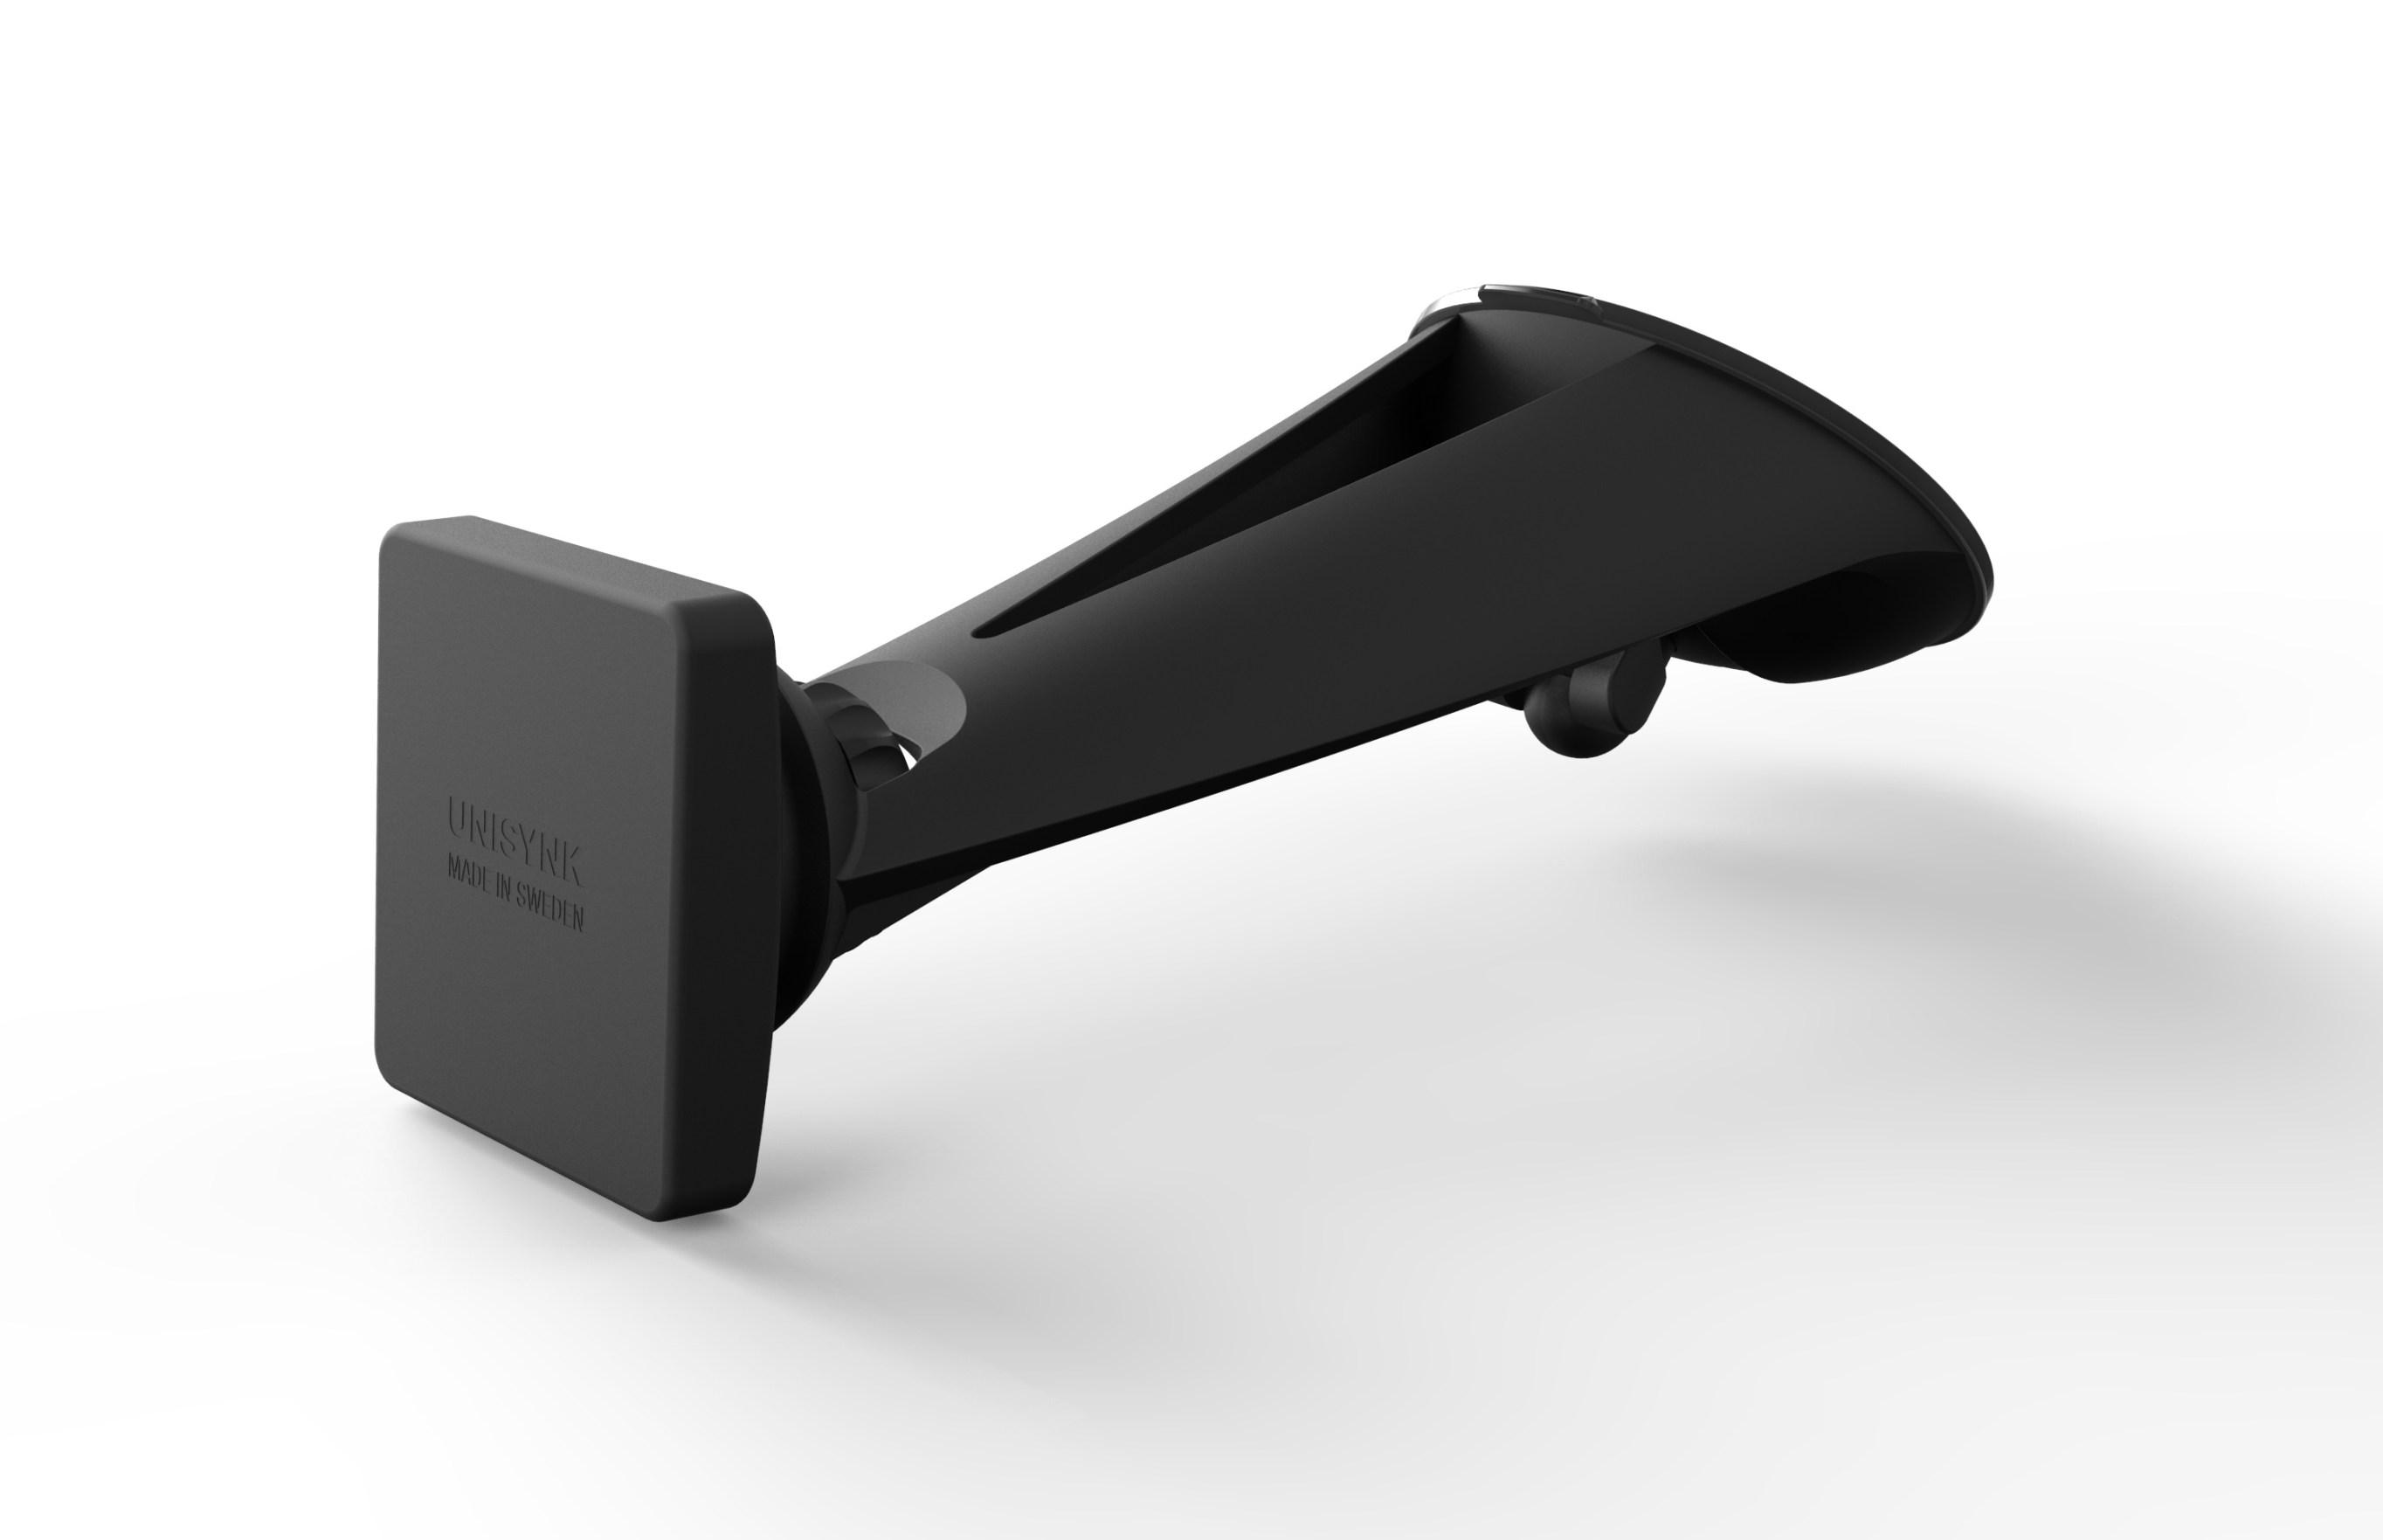 Puhelintel magnet imukupilla